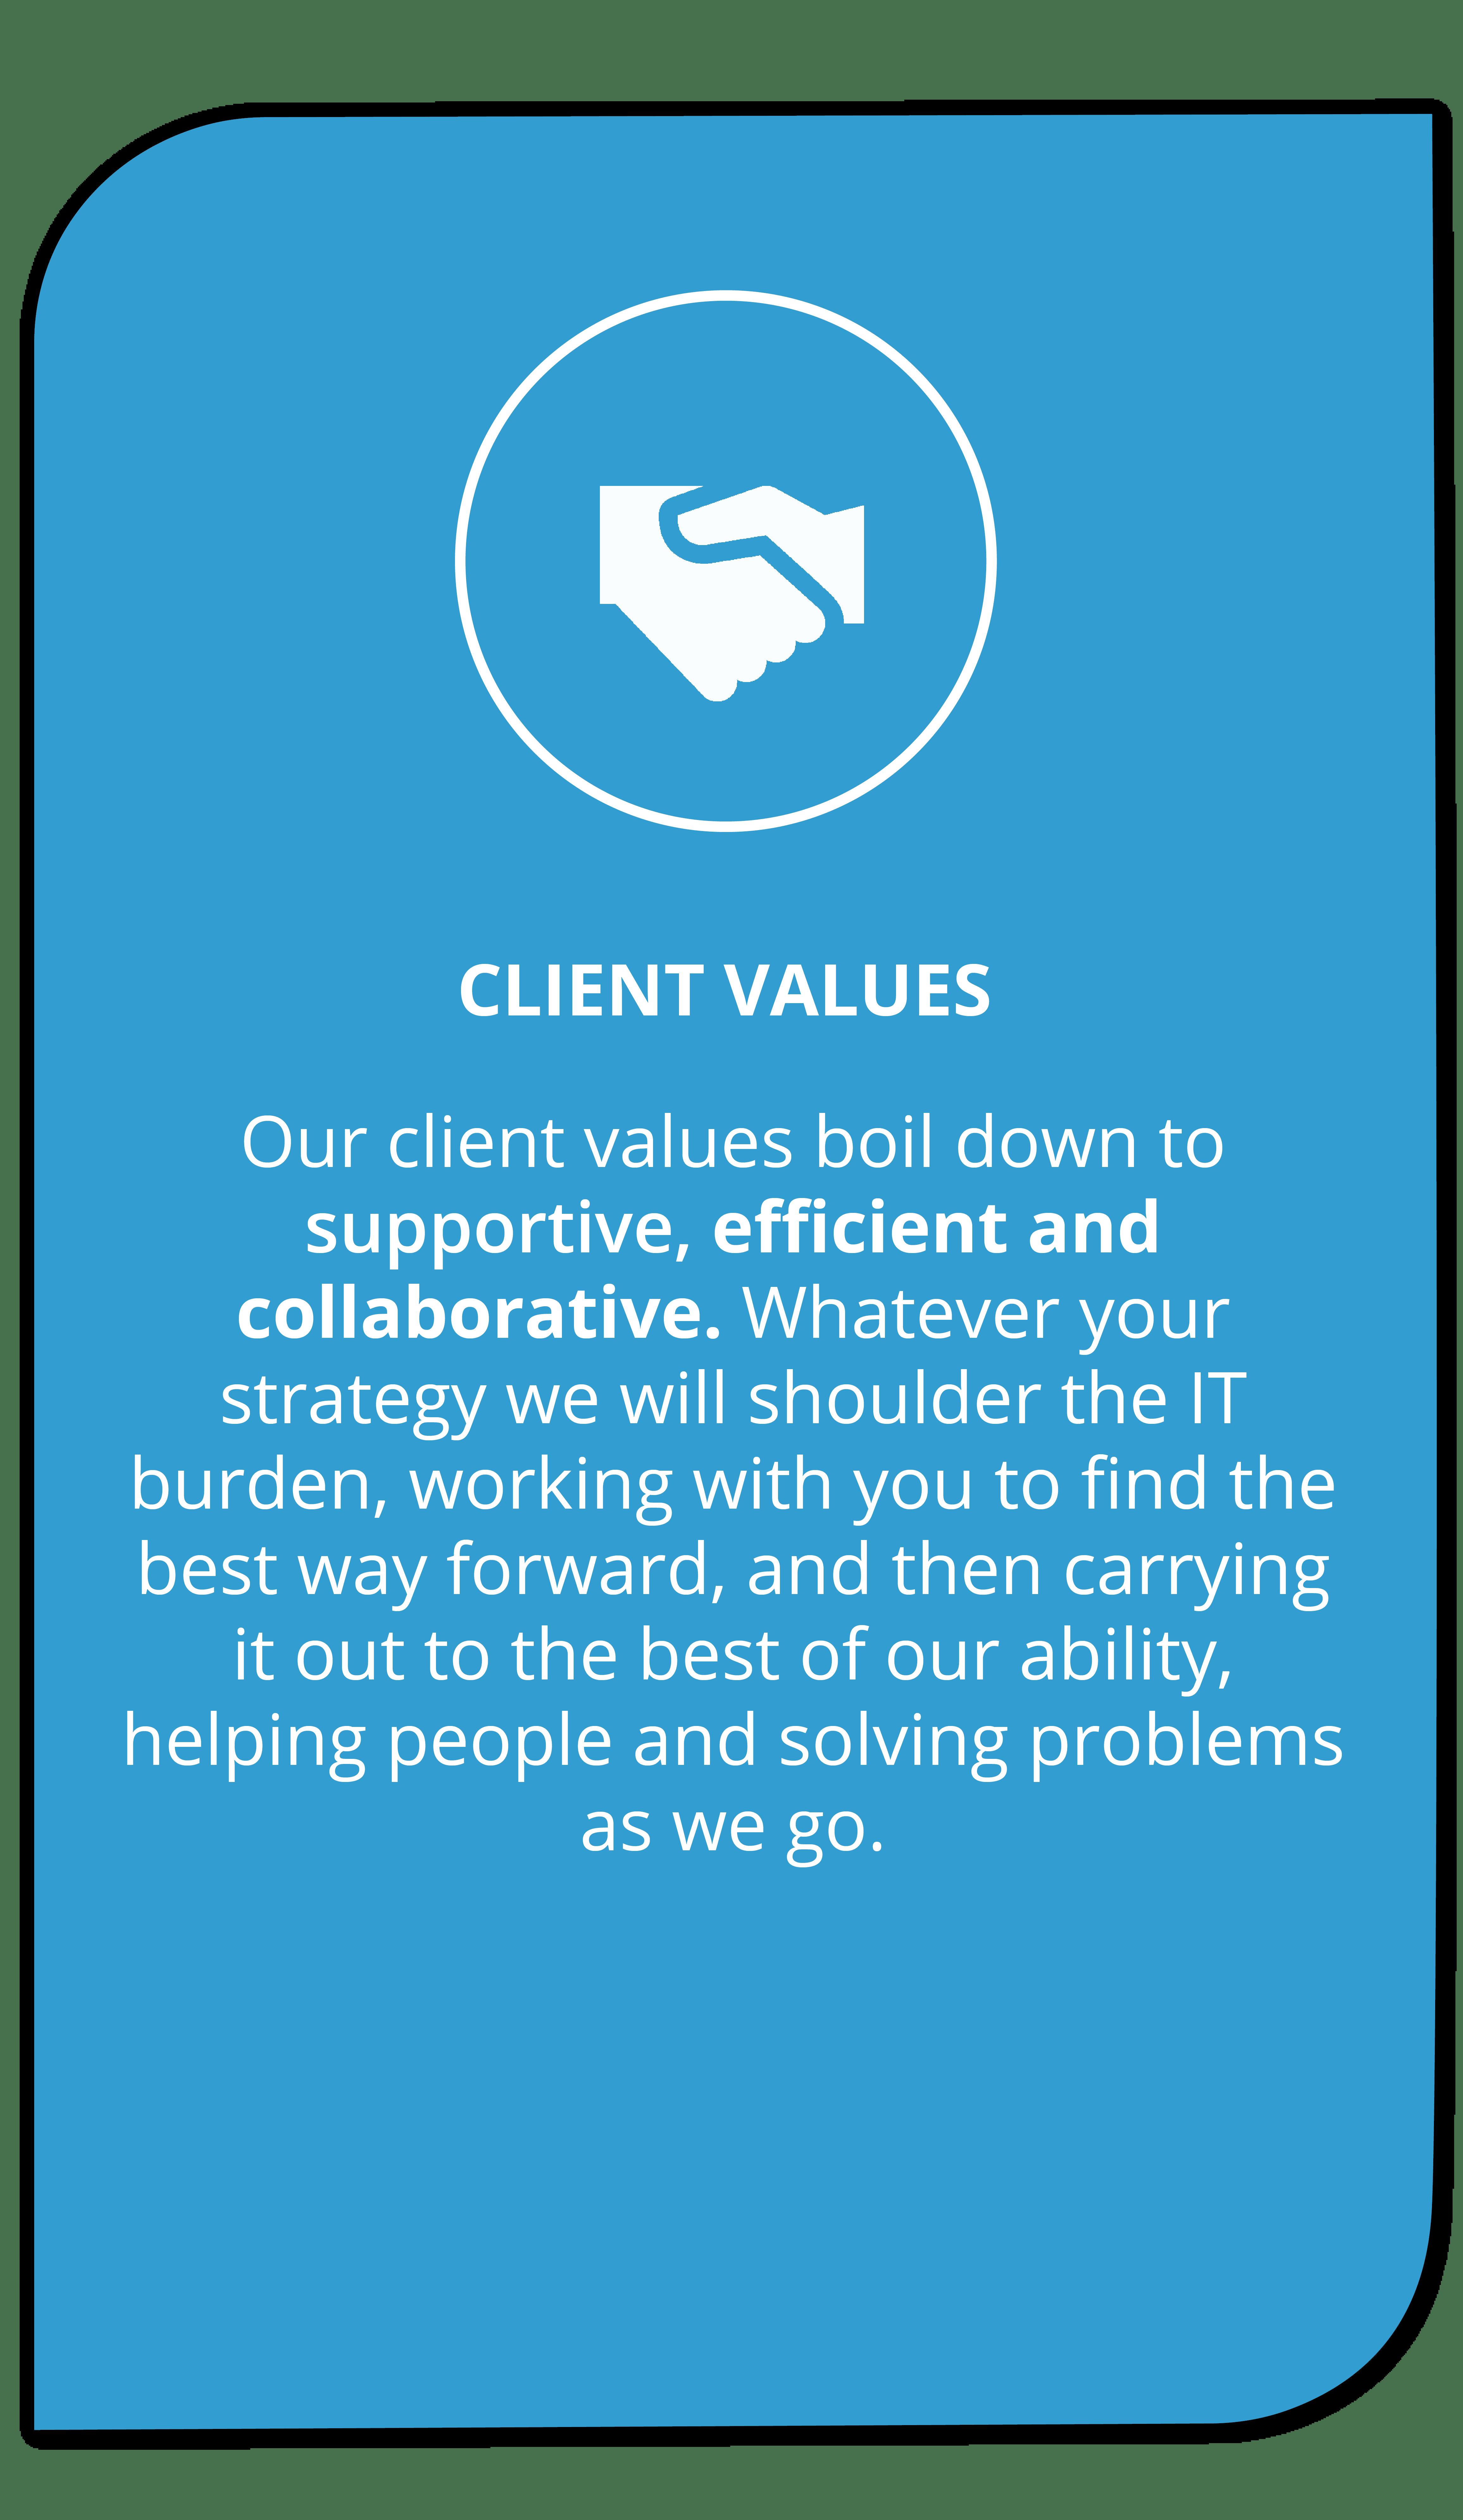 client values